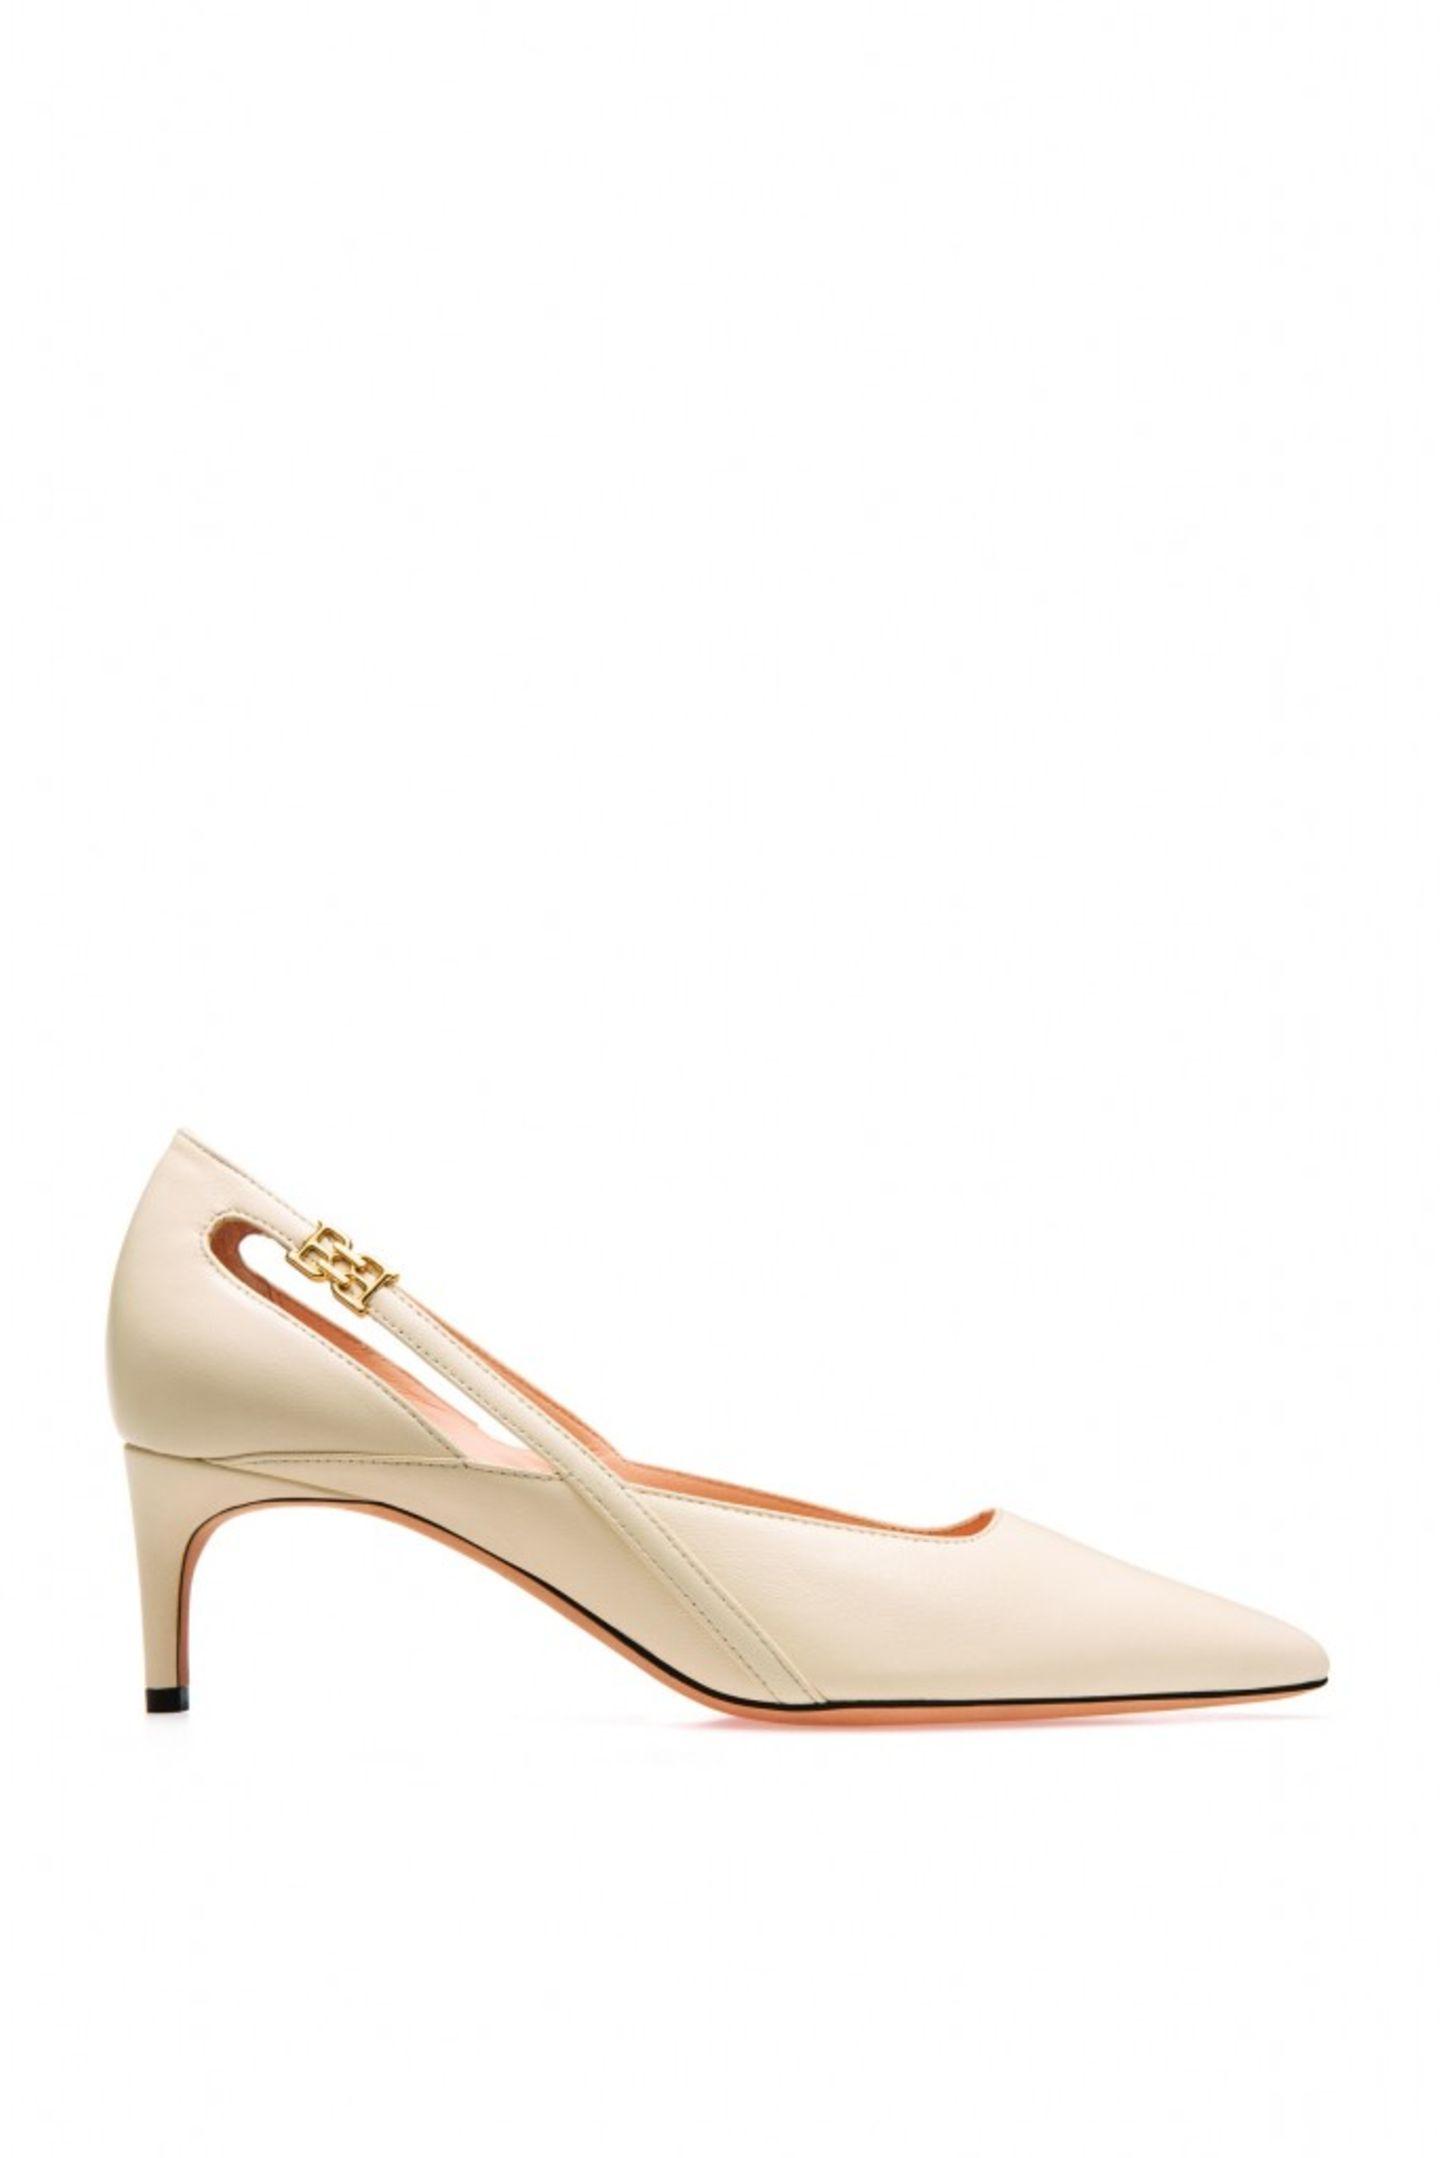 """Einer für immerMittelhoher Absatz, ultra-elegante Form und eine neutrale Farbe, die zu jedem Outfit passt – dieser Schuh ist ein luxuriöser Evergreen, der niemals aus der Mode kommt! """"Elsa"""" von Bally, ca. 395 Euro"""